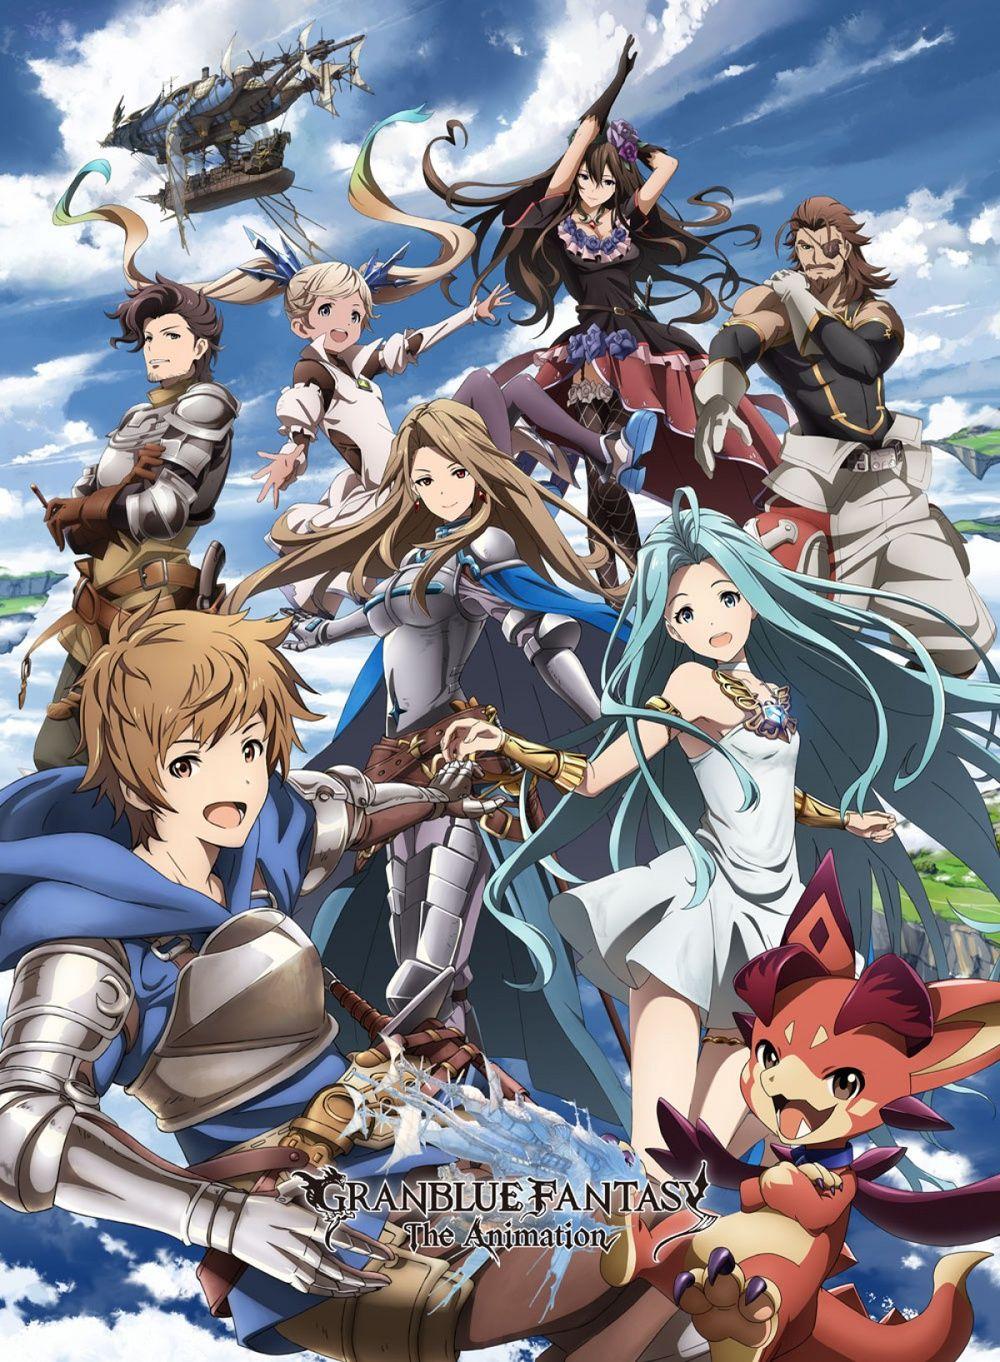 万策尽矣?《碧蓝幻想》TV动画延期到4月播出 anime Anime, anime